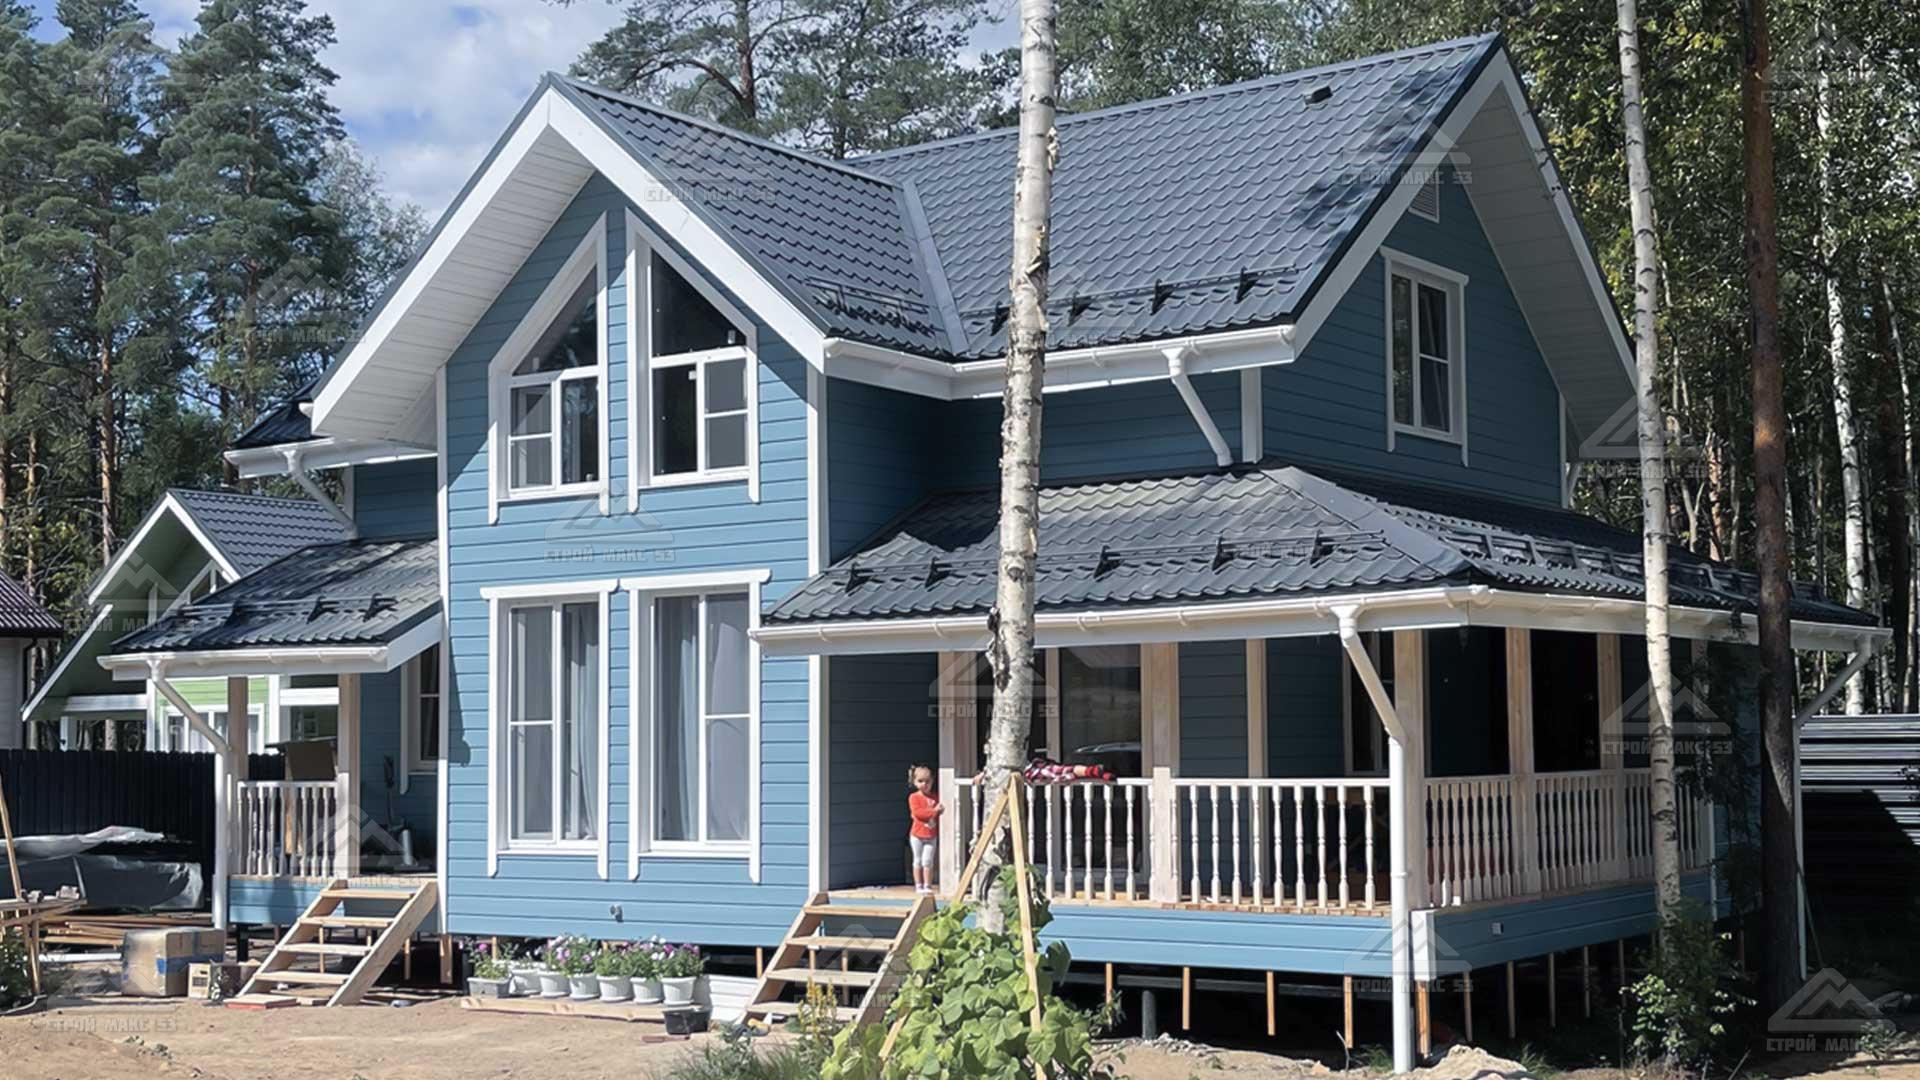 финский дом в санкт-петербурге